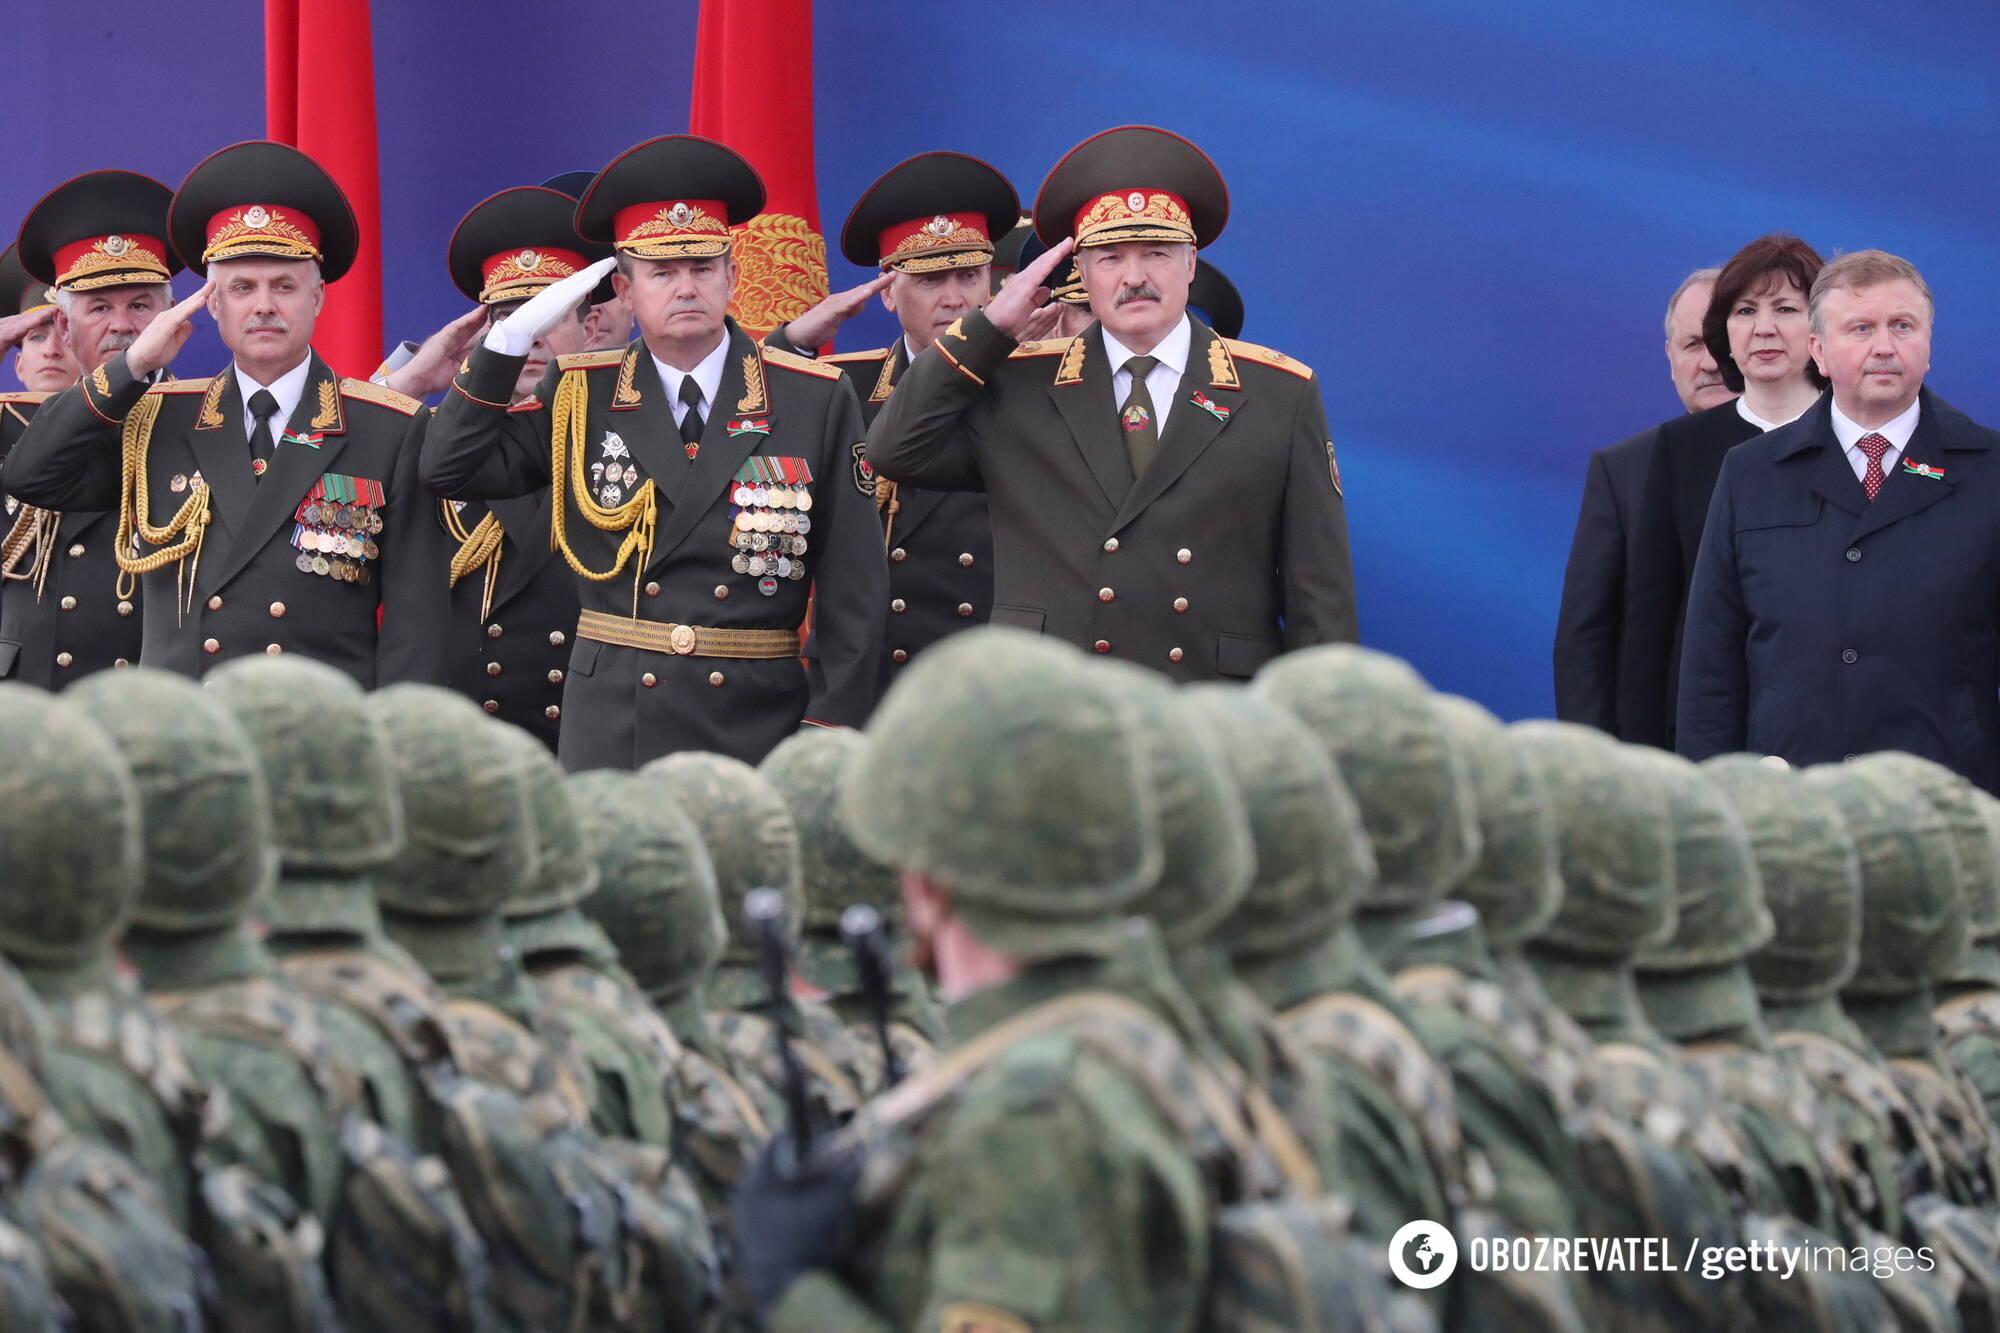 Олександр Лукашенко на військовому параді